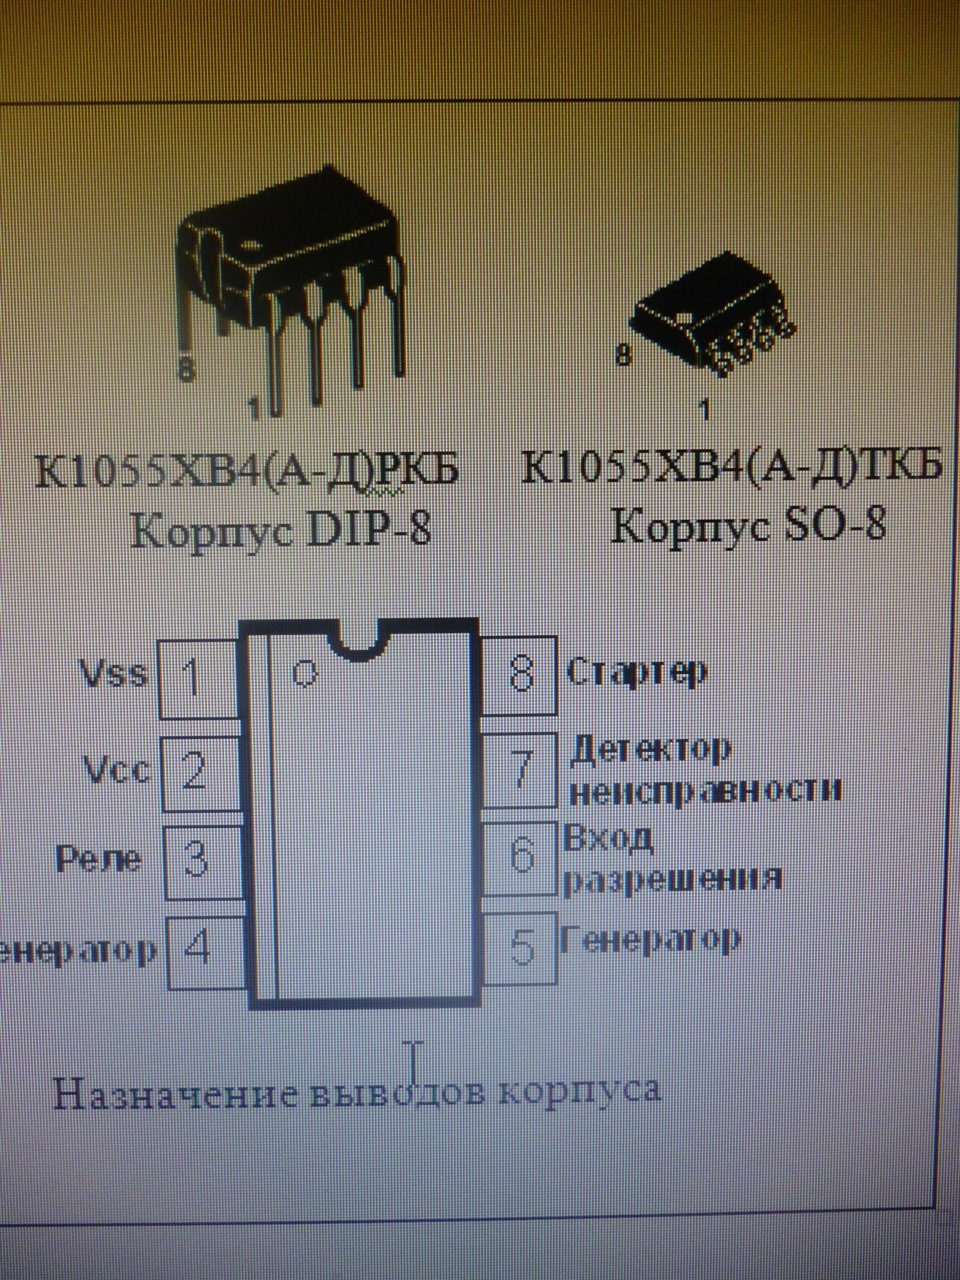 реле 71.3777-04 схема ток